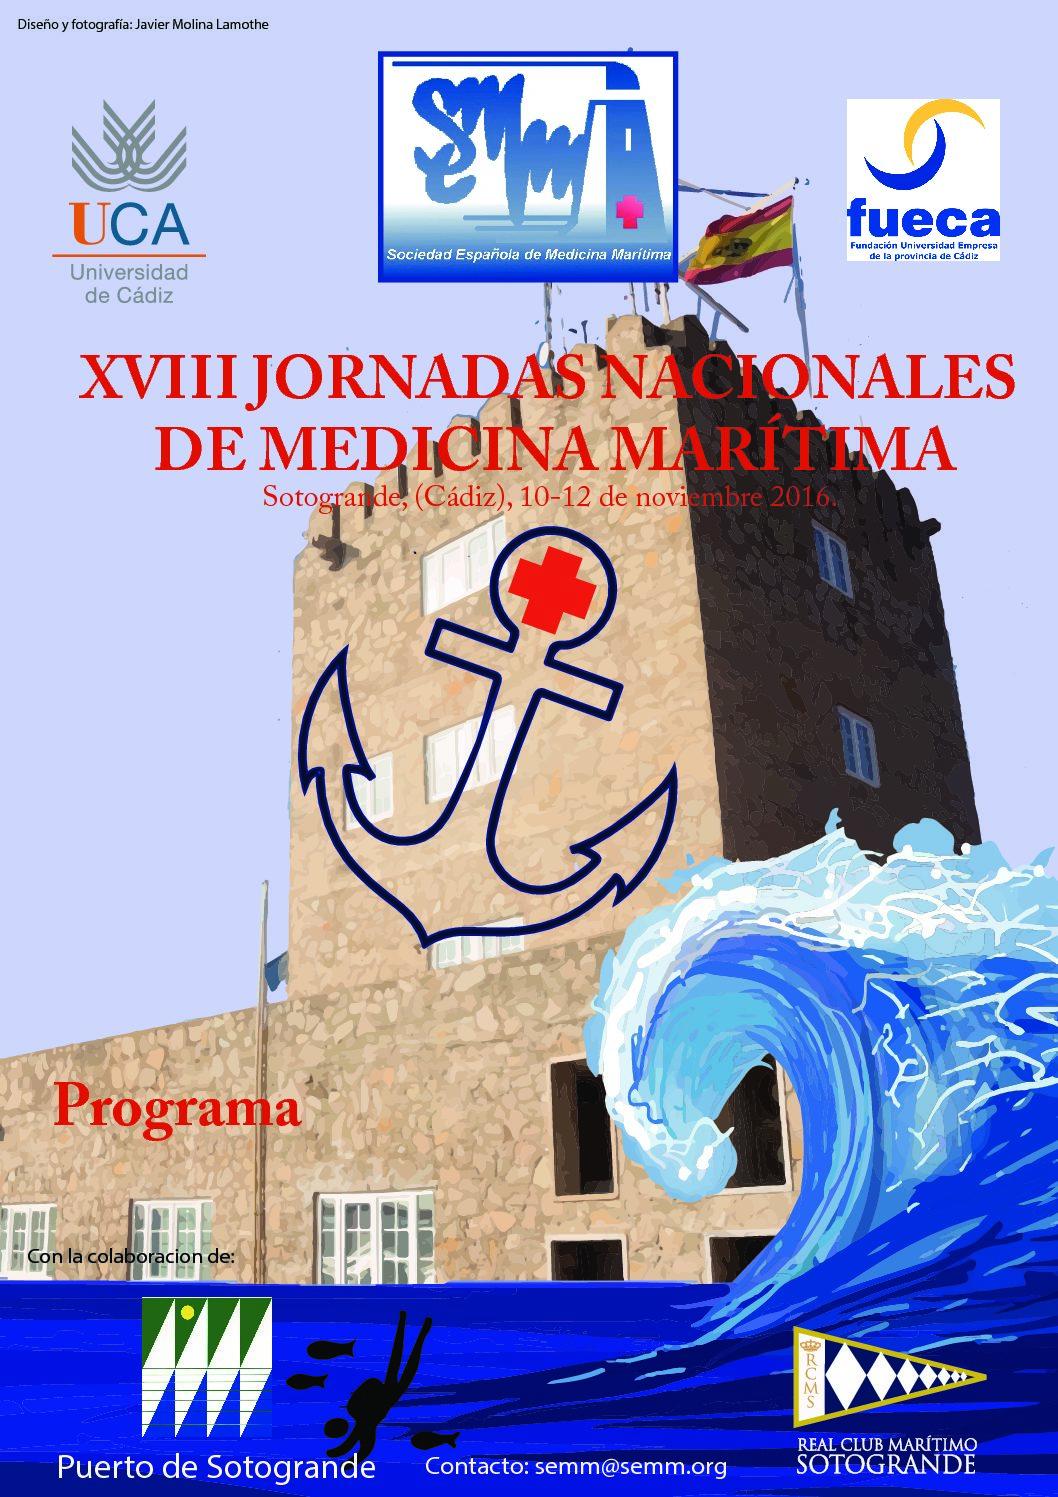 XVIII Jornadas de Medicina Marítima- Sotogrande (Cádiz)2016